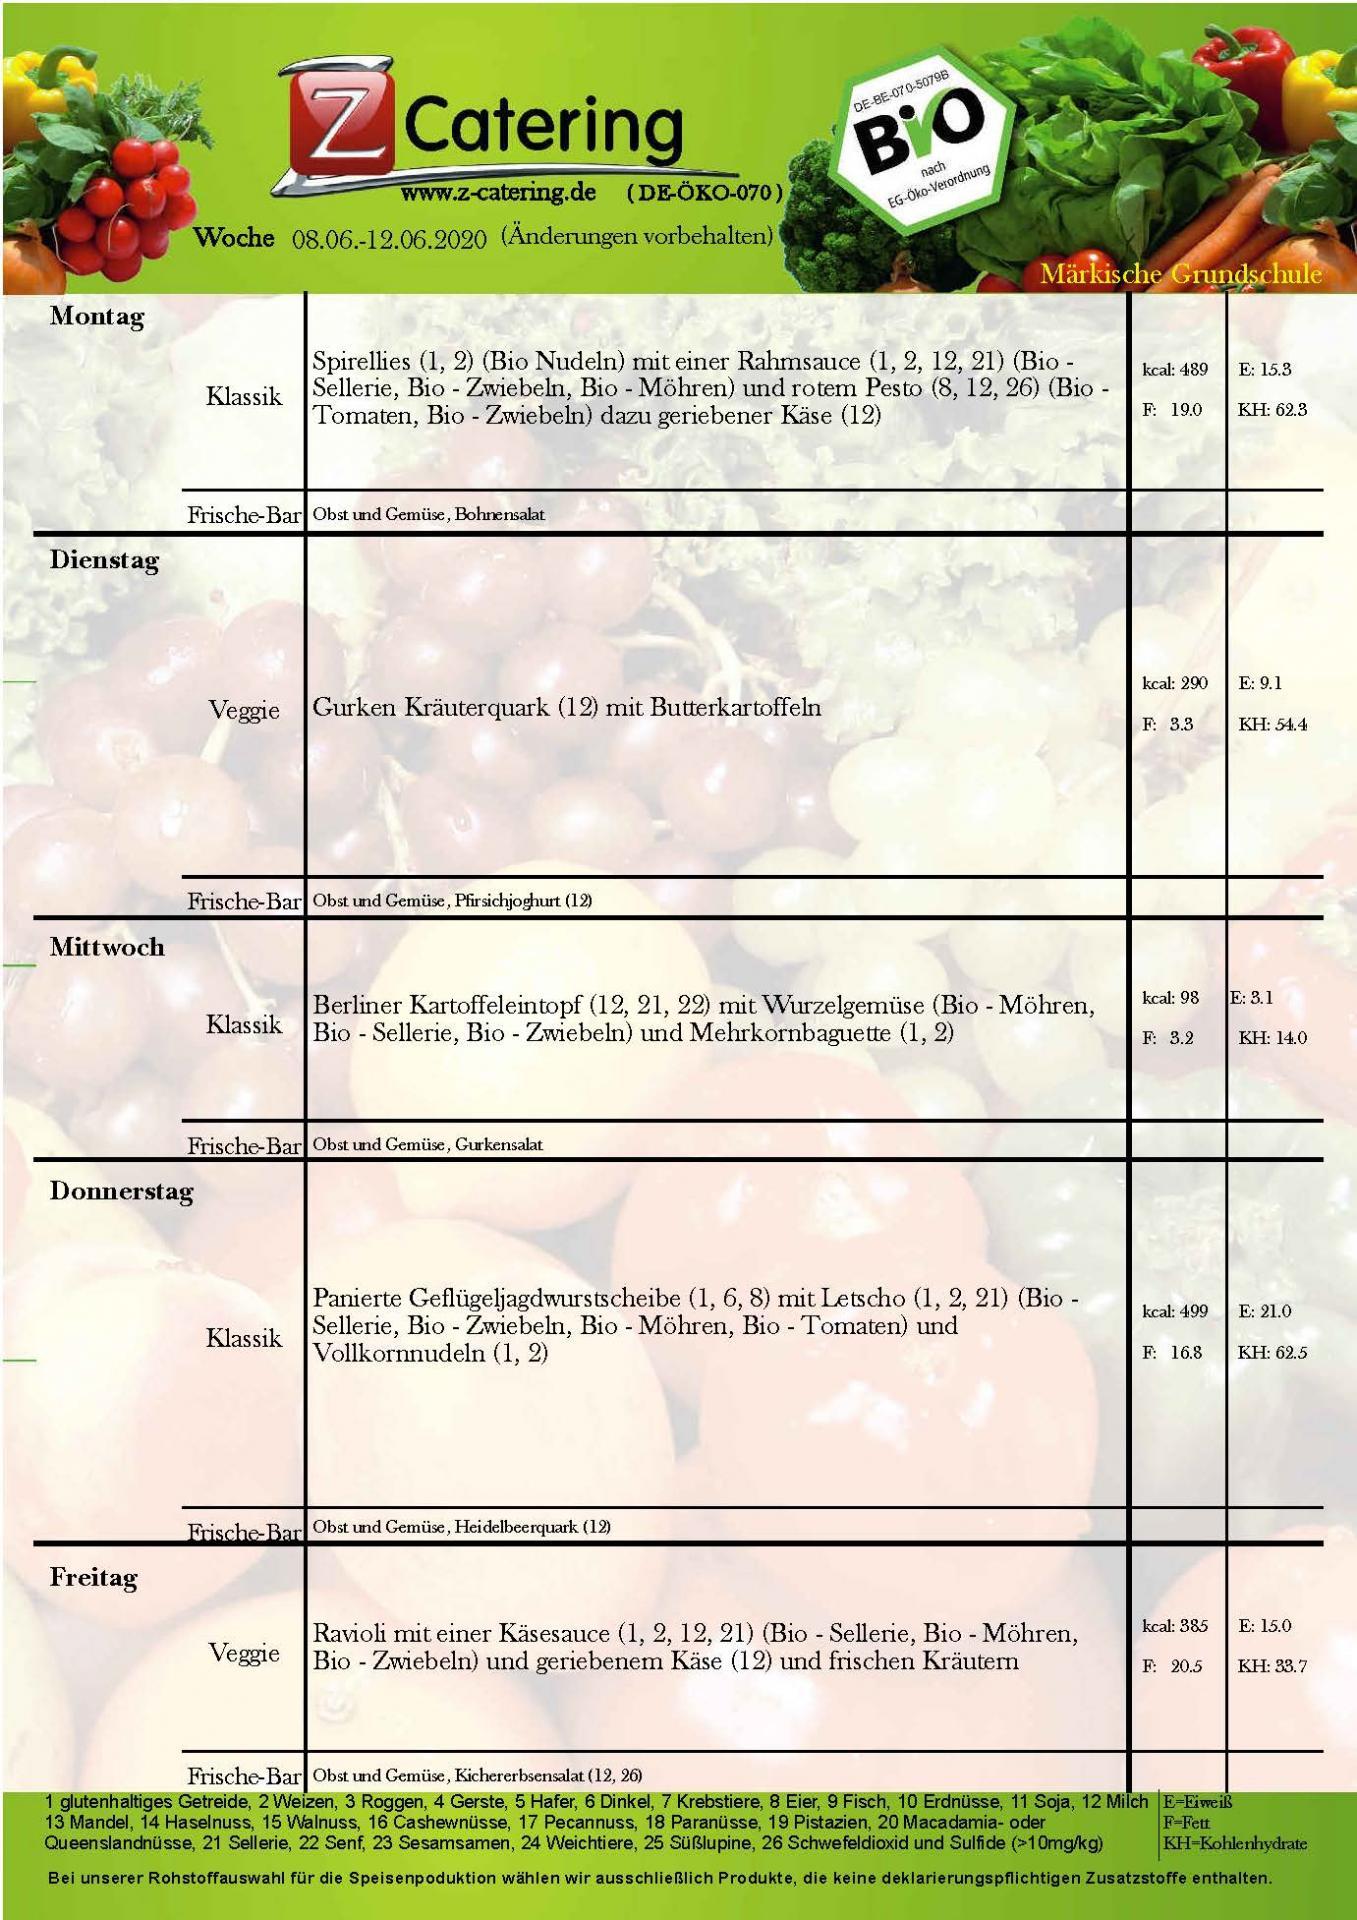 Speiseplan - 24. Kalenderwoche